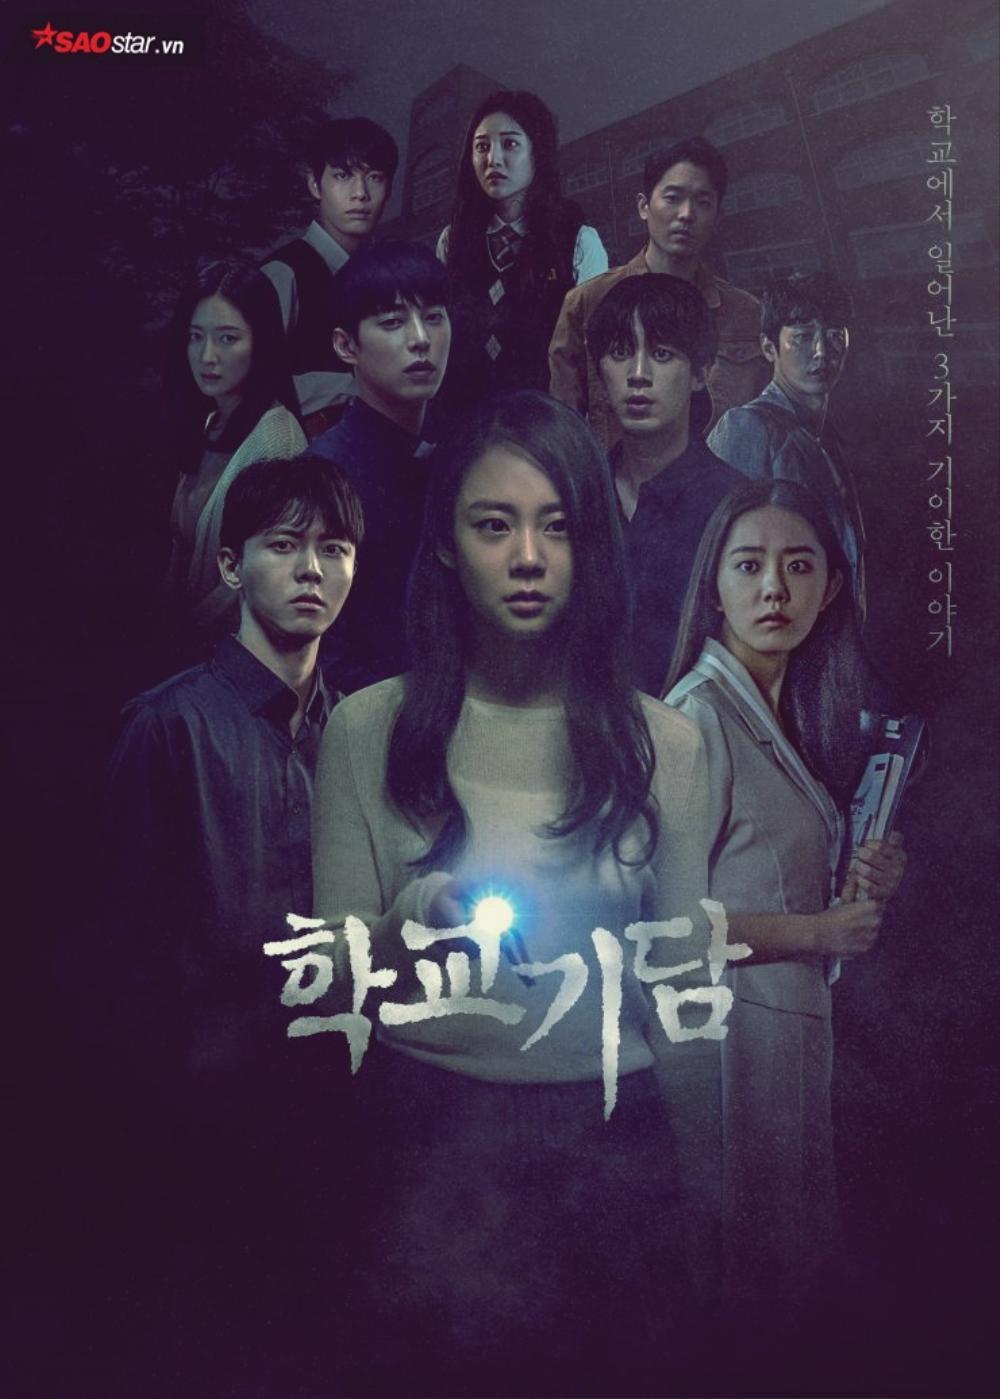 Phim truyền hình Hàn Quốc cuối tháng 9: Đa dạng thể loại nhưng nội dung không mới mẻ Ảnh 11